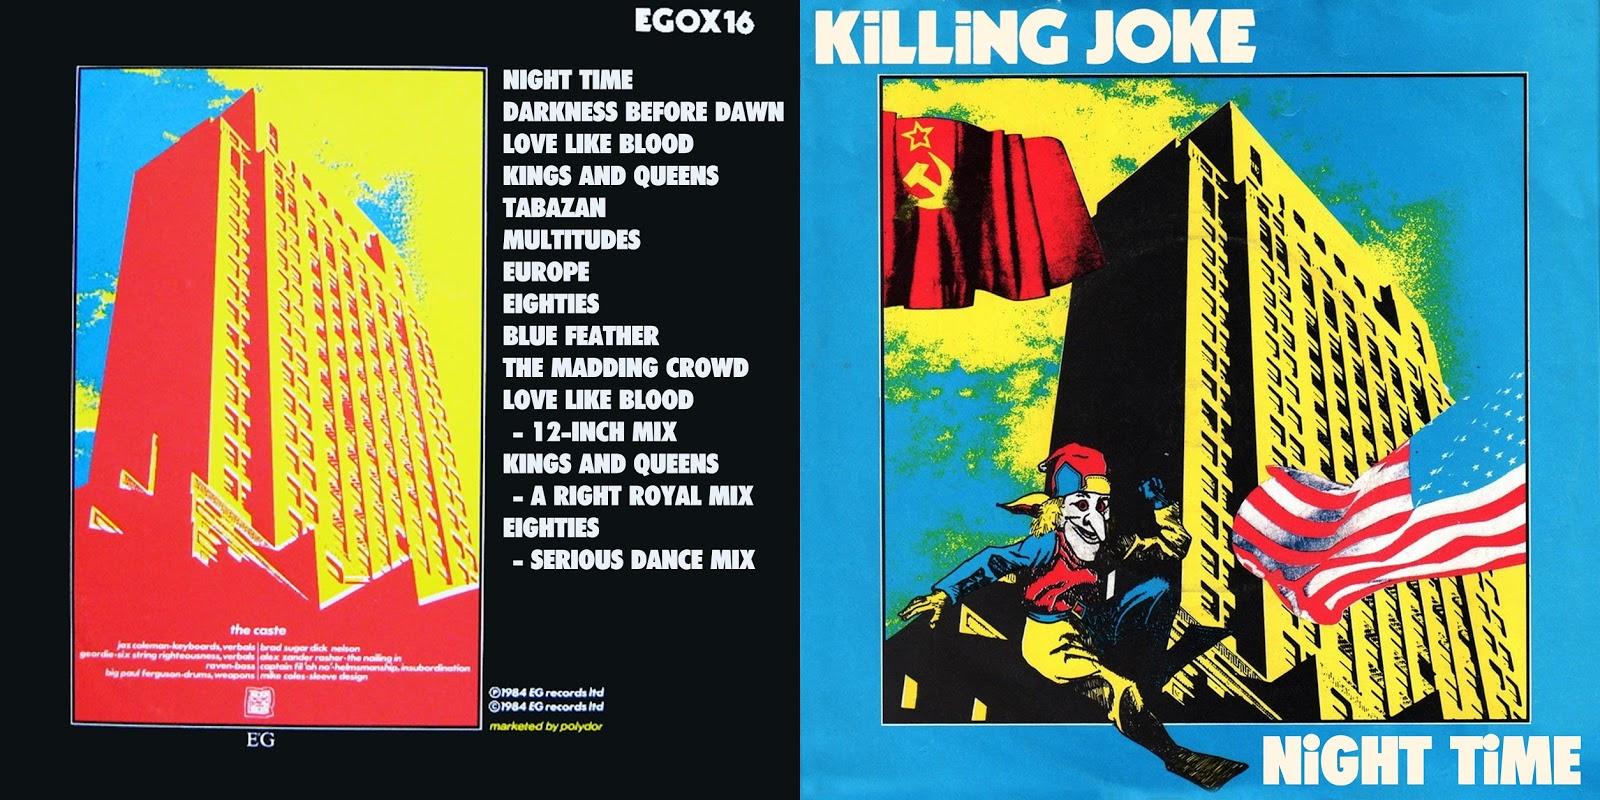 Killing Joke - Unspeakable